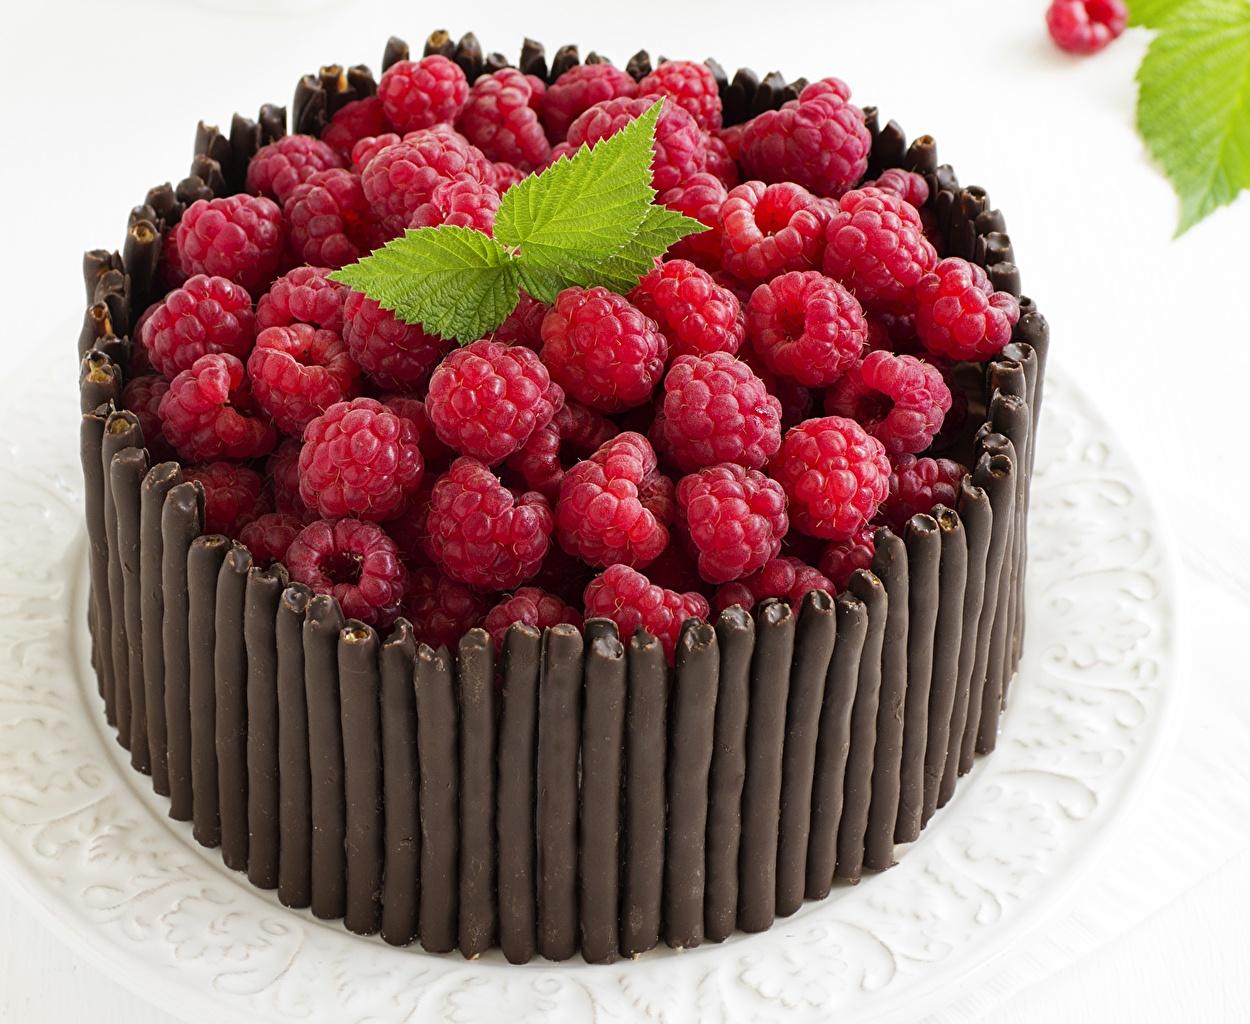 Обои для рабочего стола Шоколад Торты Малина Пища Еда Продукты питания